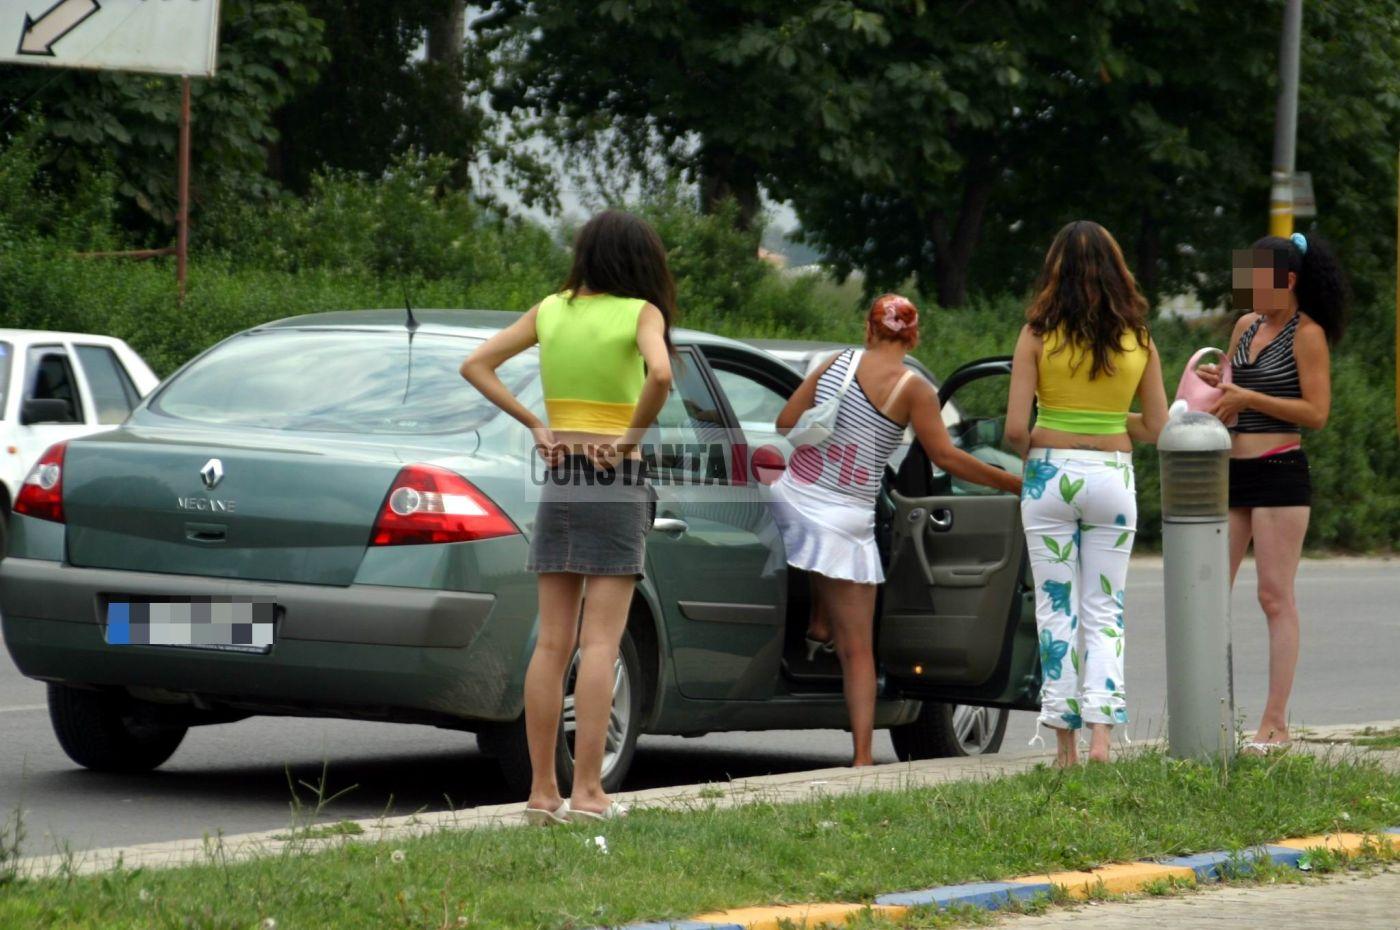 USR Constanța a atras atenția asupra prostituției din municipiul Constanța.